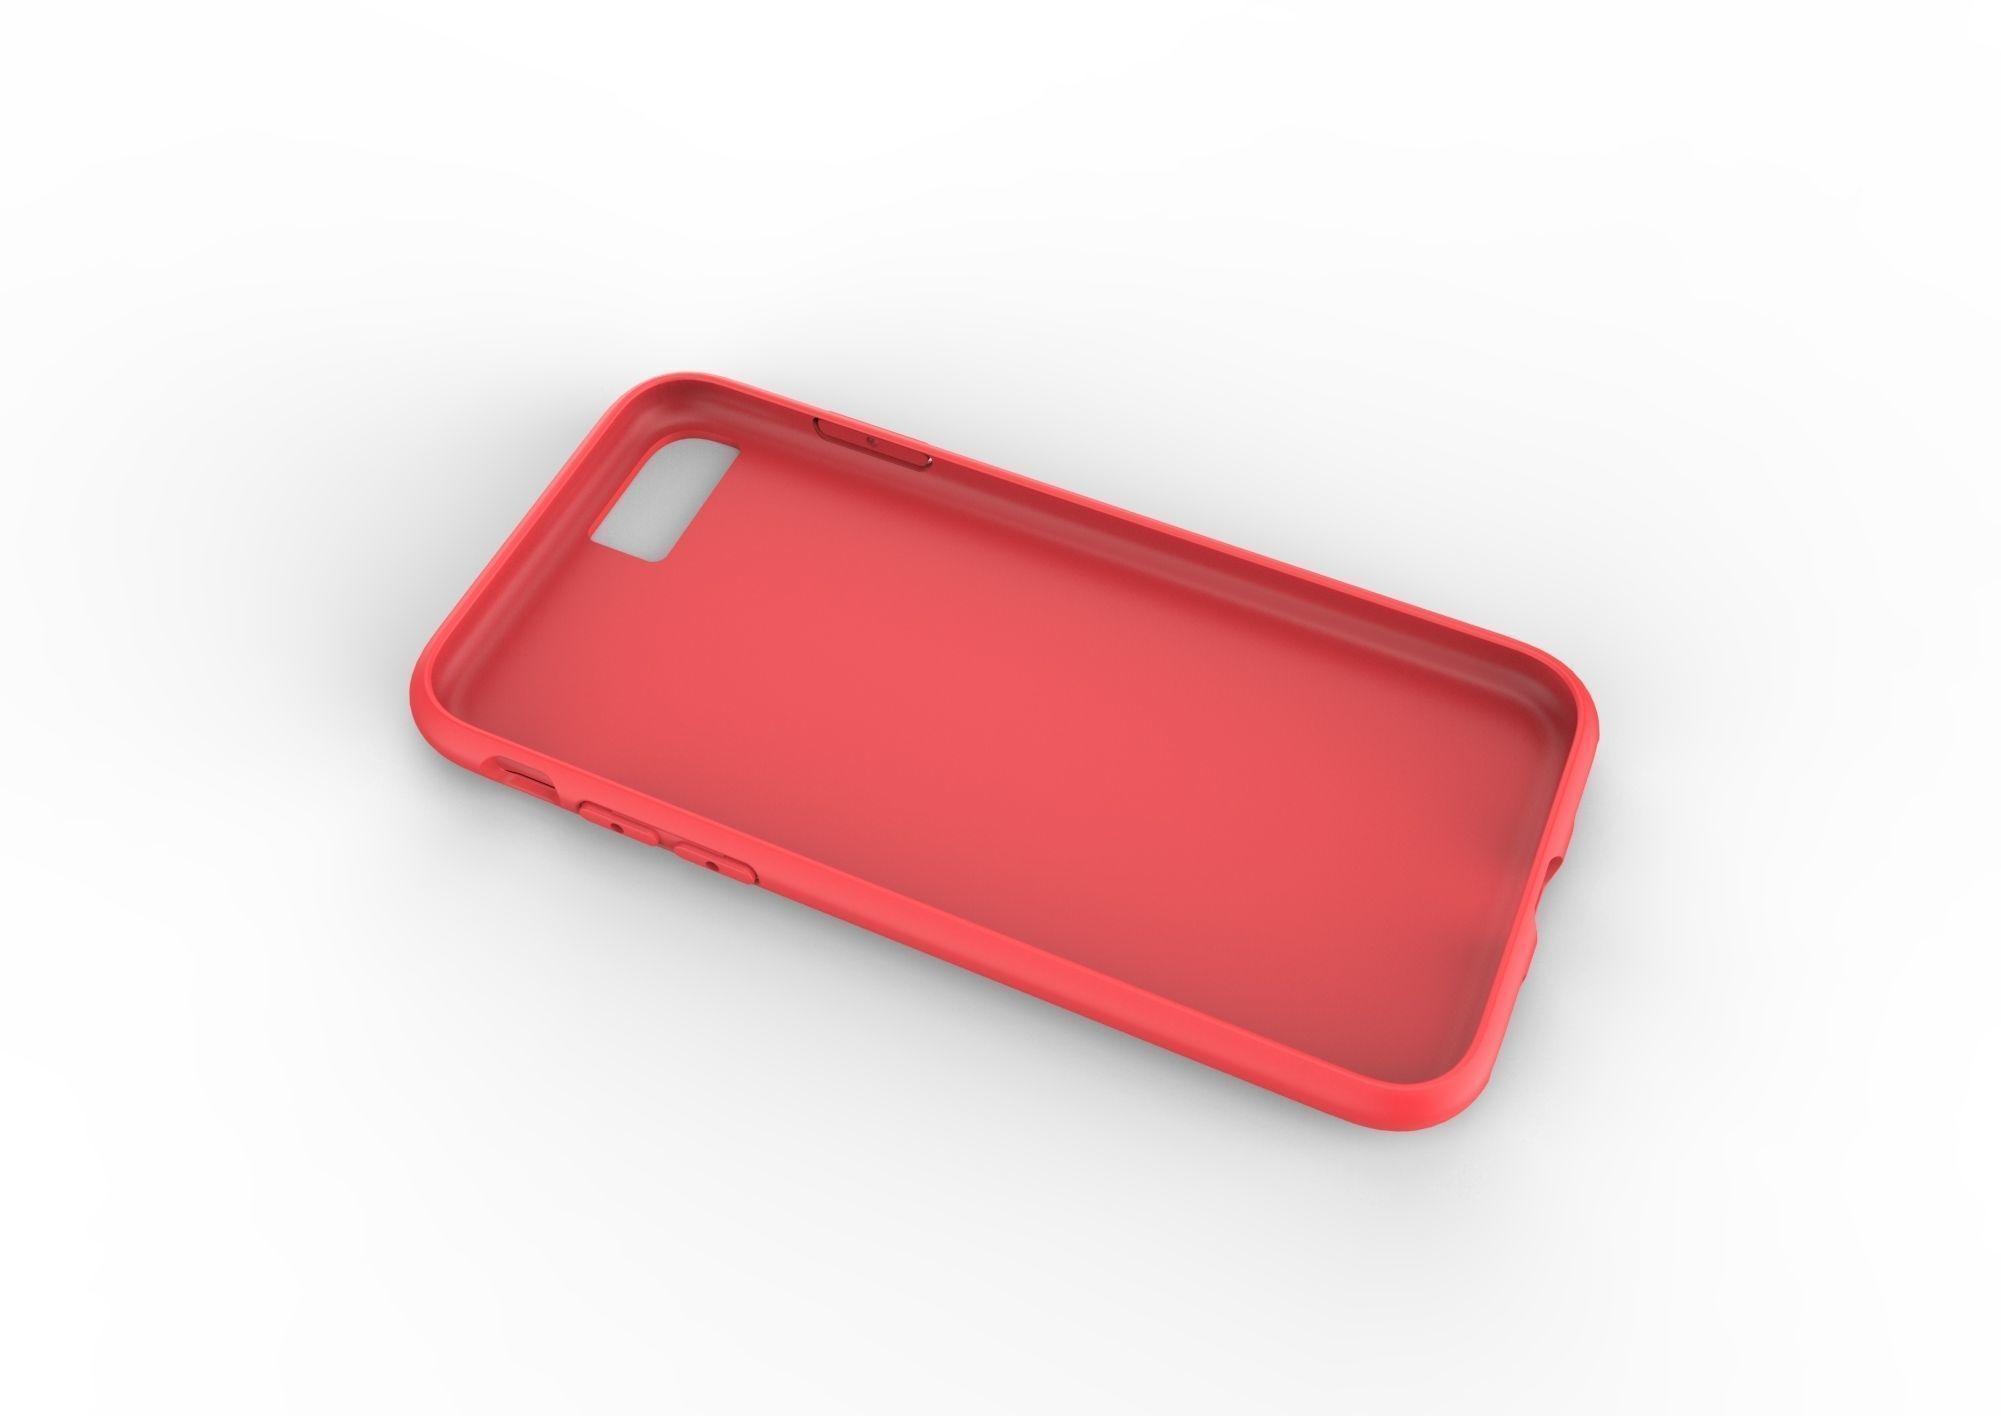 iphone 8  red case Original customizable design